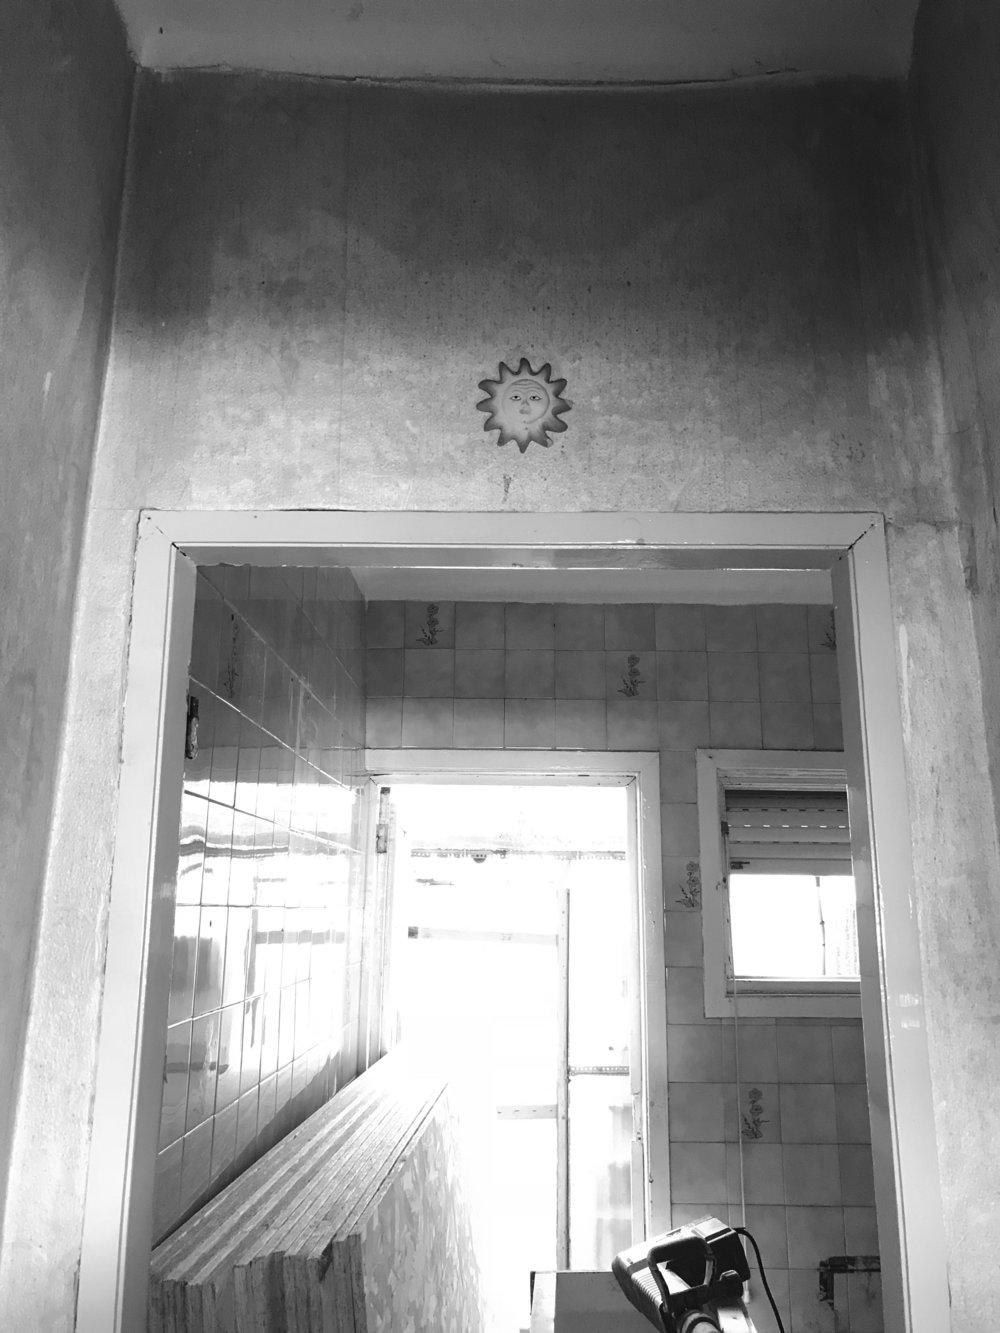 Moradia Zinha - Vila Nova de Gaia - EVA atelier - Arquitectura - Obra - Arquitecto - Porto - EVA evolutionary architecture (11).jpg